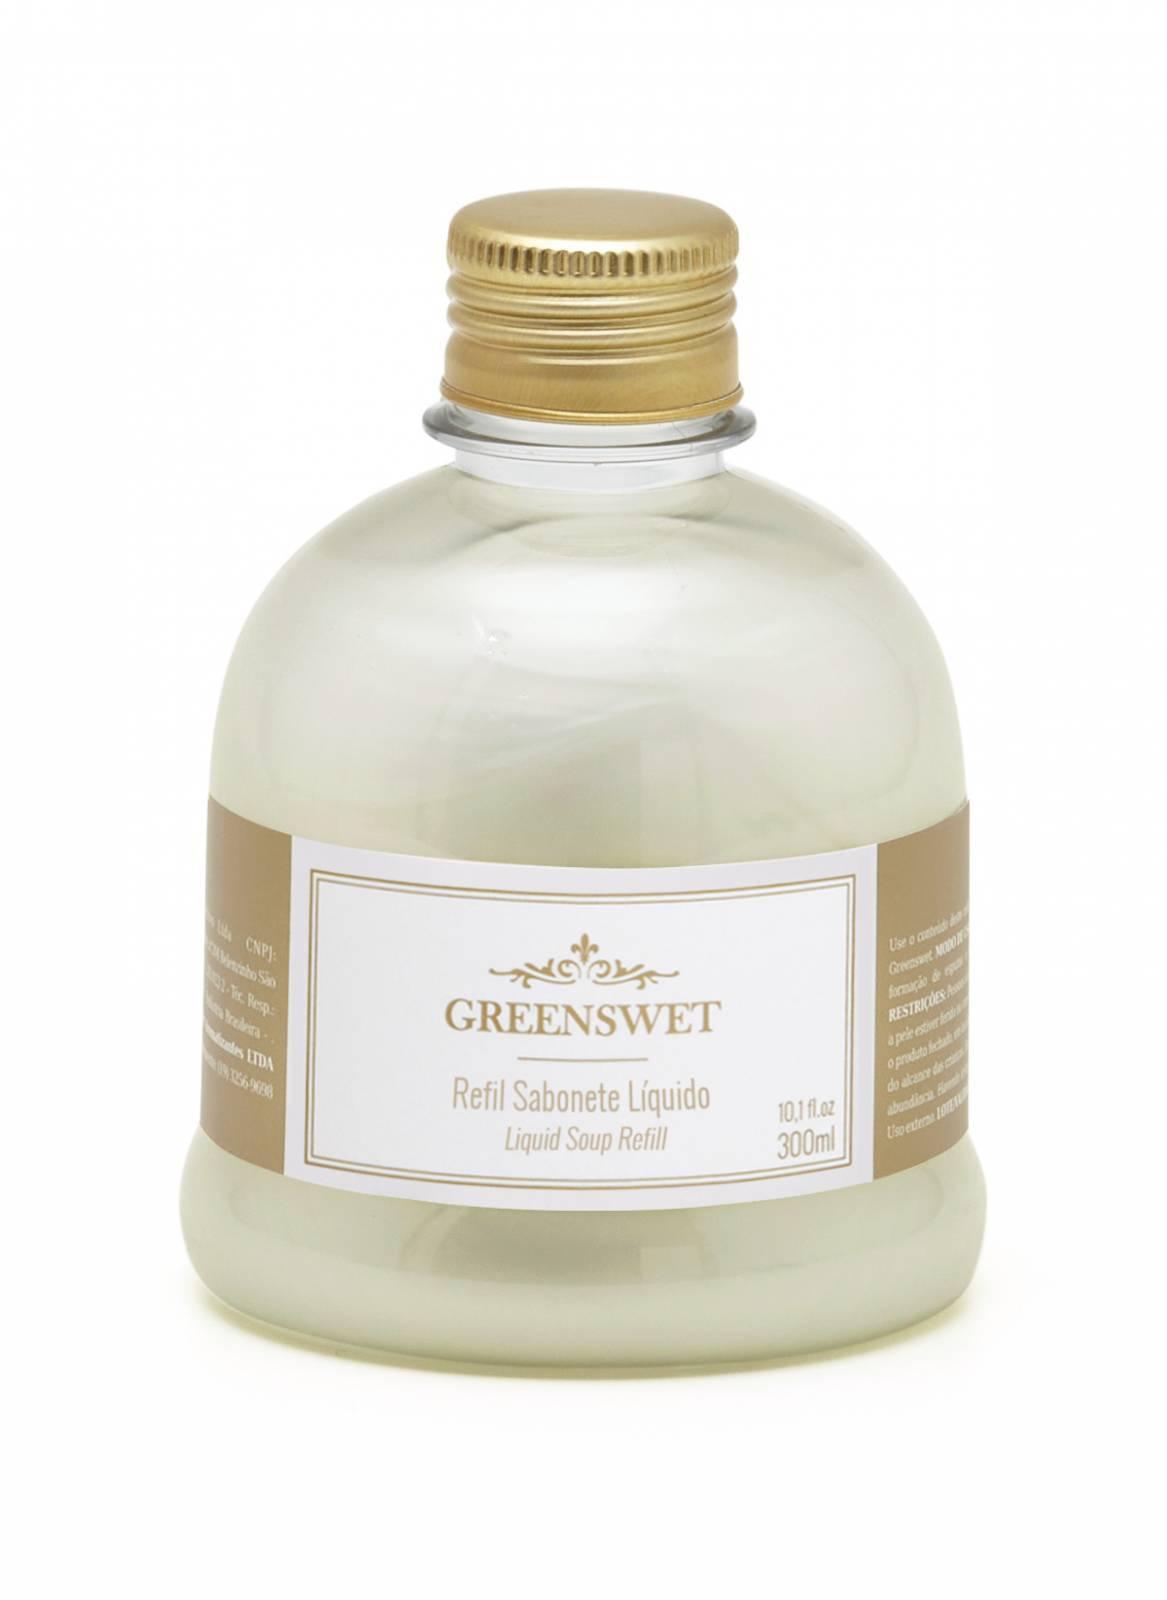 Refil Sabonete Liquido 300 ml Essência Flor de Laranjeira - Greenswet Aromatizantes